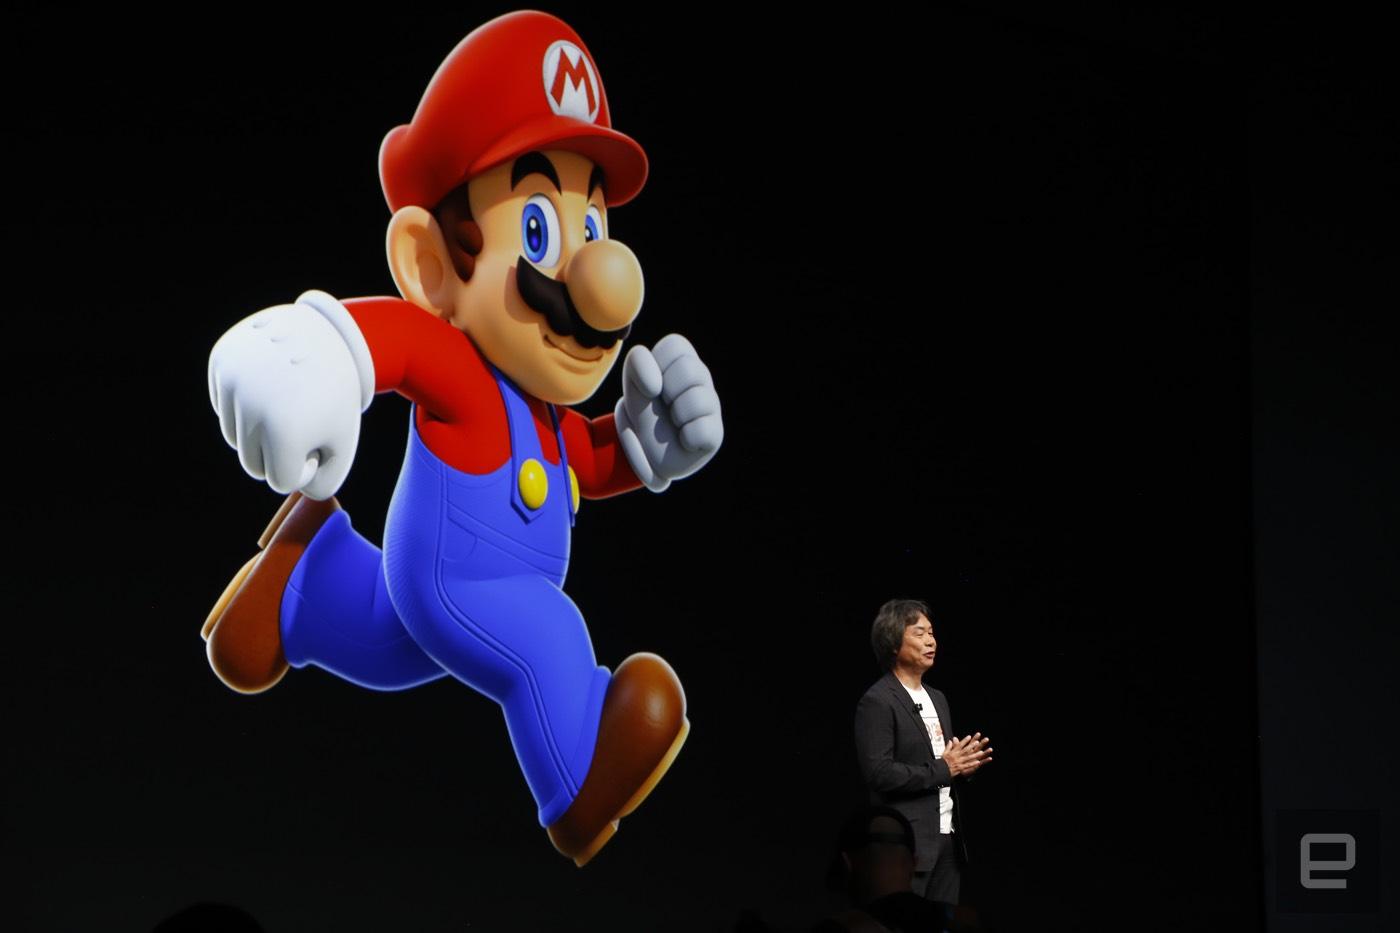 【速報】iPhoneにマリオが登場!iPhoneで「マリオのゲーム」が遊べるぞ!